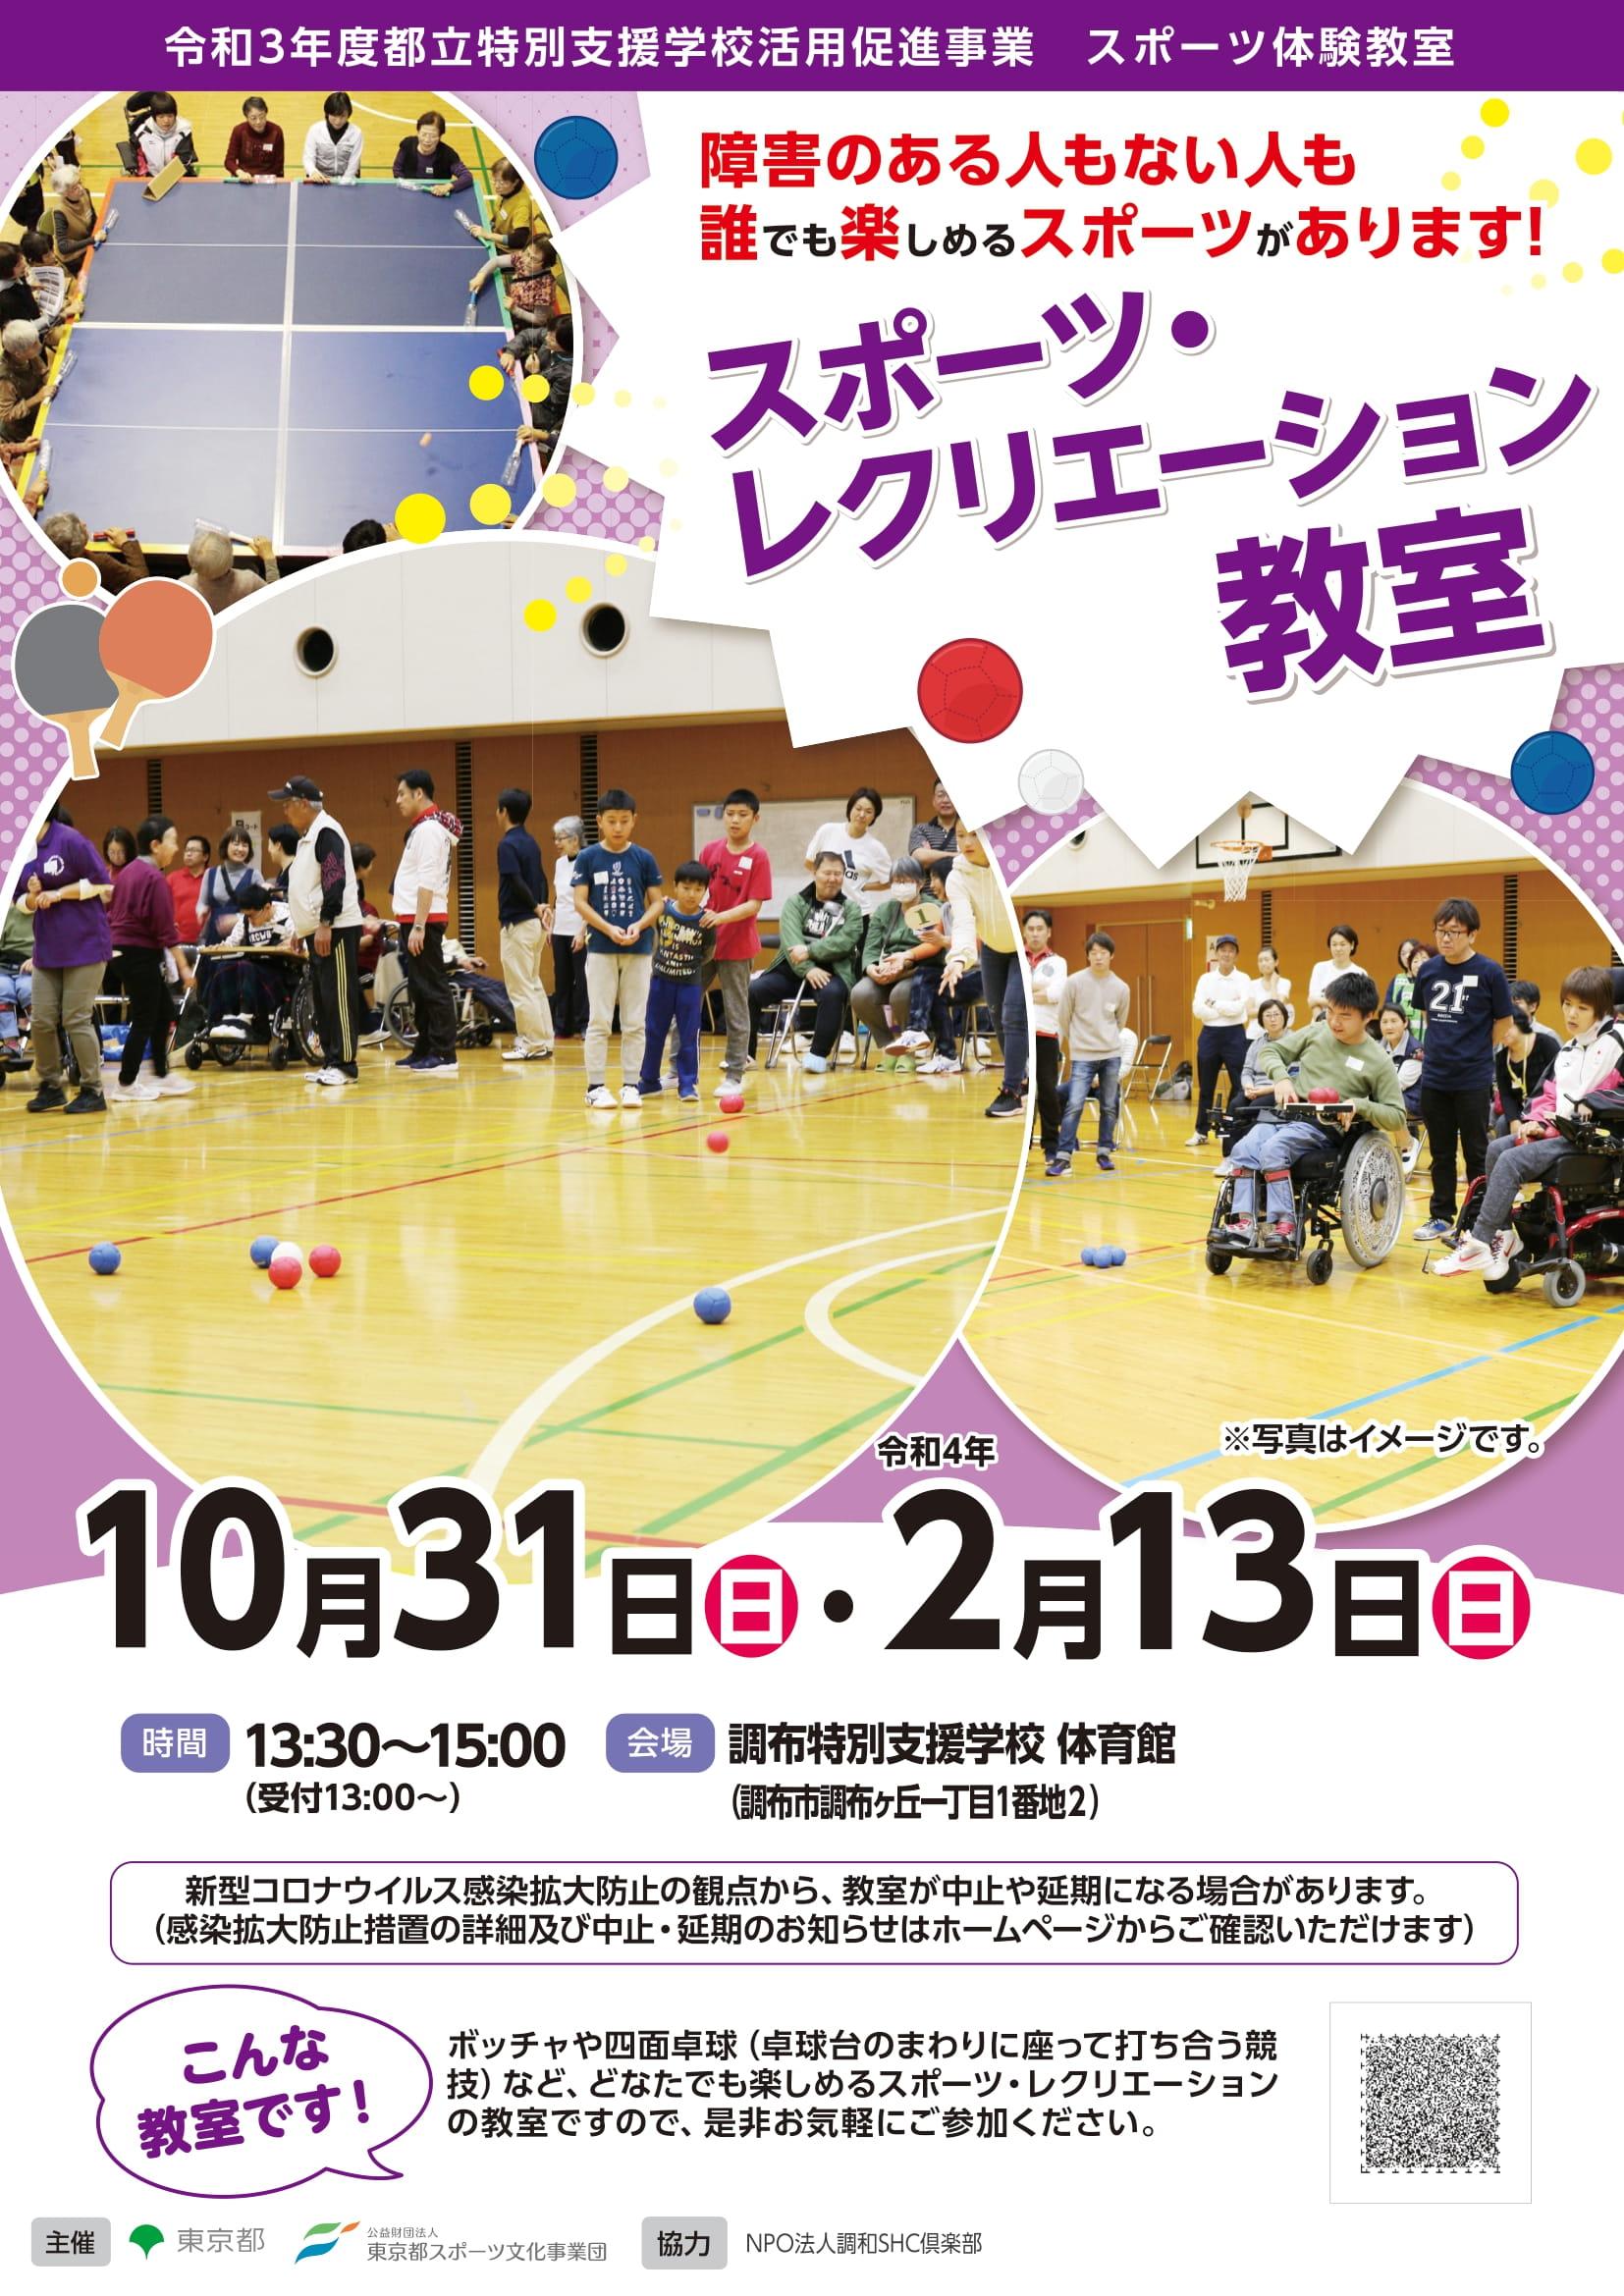 スポーツ・レクリエーション教室【調布】